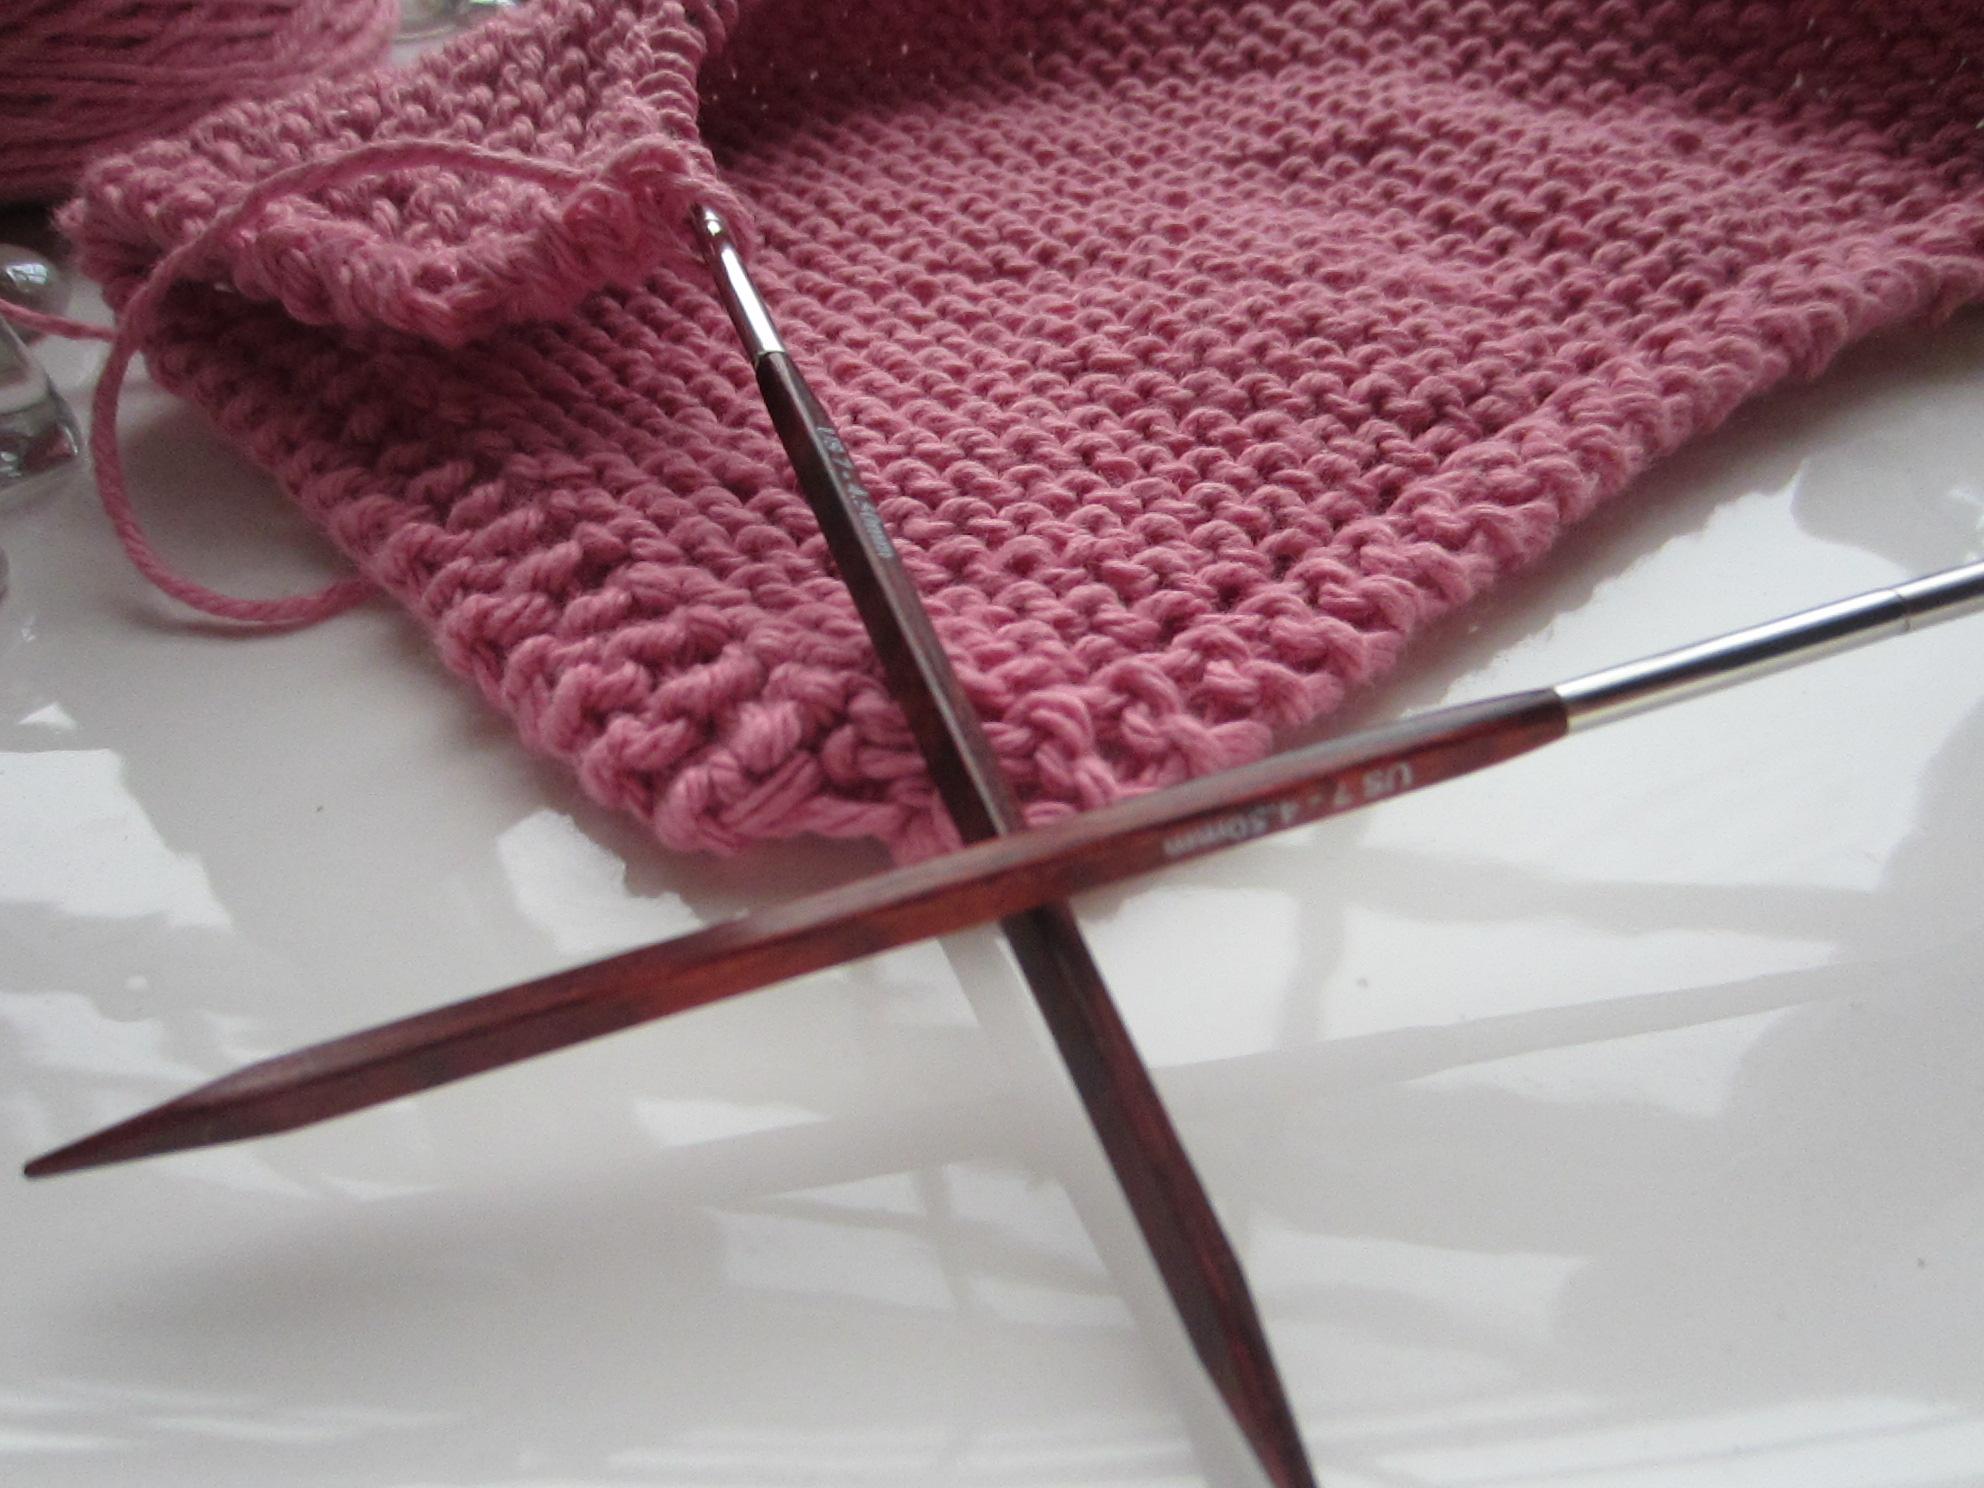 Knitting Crochet Needles : Knitting knitter s pride needles g ma